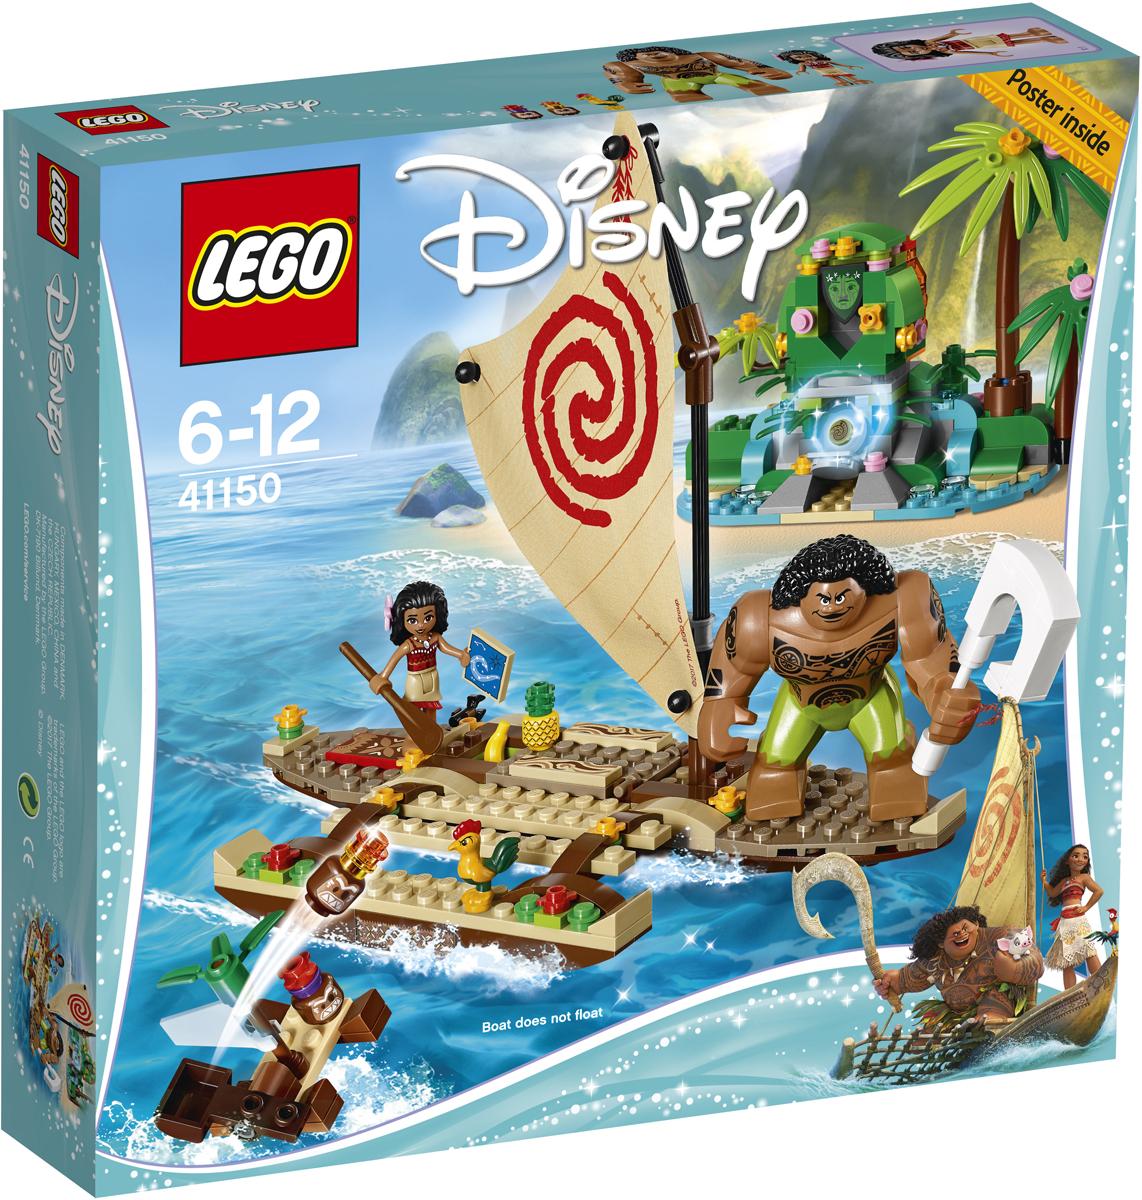 LEGO Disney Princesses Конструктор Путешествие Моаны через океан 4115041150Отправляйся в плаванье на лодке вместе с Моаной, её другом, полубогом Мауи, и петушком Хейхей. А пока вы неспешно плывёте по течению, ты можешь изучить карту звёздного неба и подкрепиться вкусными фруктами. Берегись подлой Какаморы, которая попытается украсть у Моаны сердце Те Фити! Пройди все испытания и помоги превратить остров в безмятежное и зелёное райское место